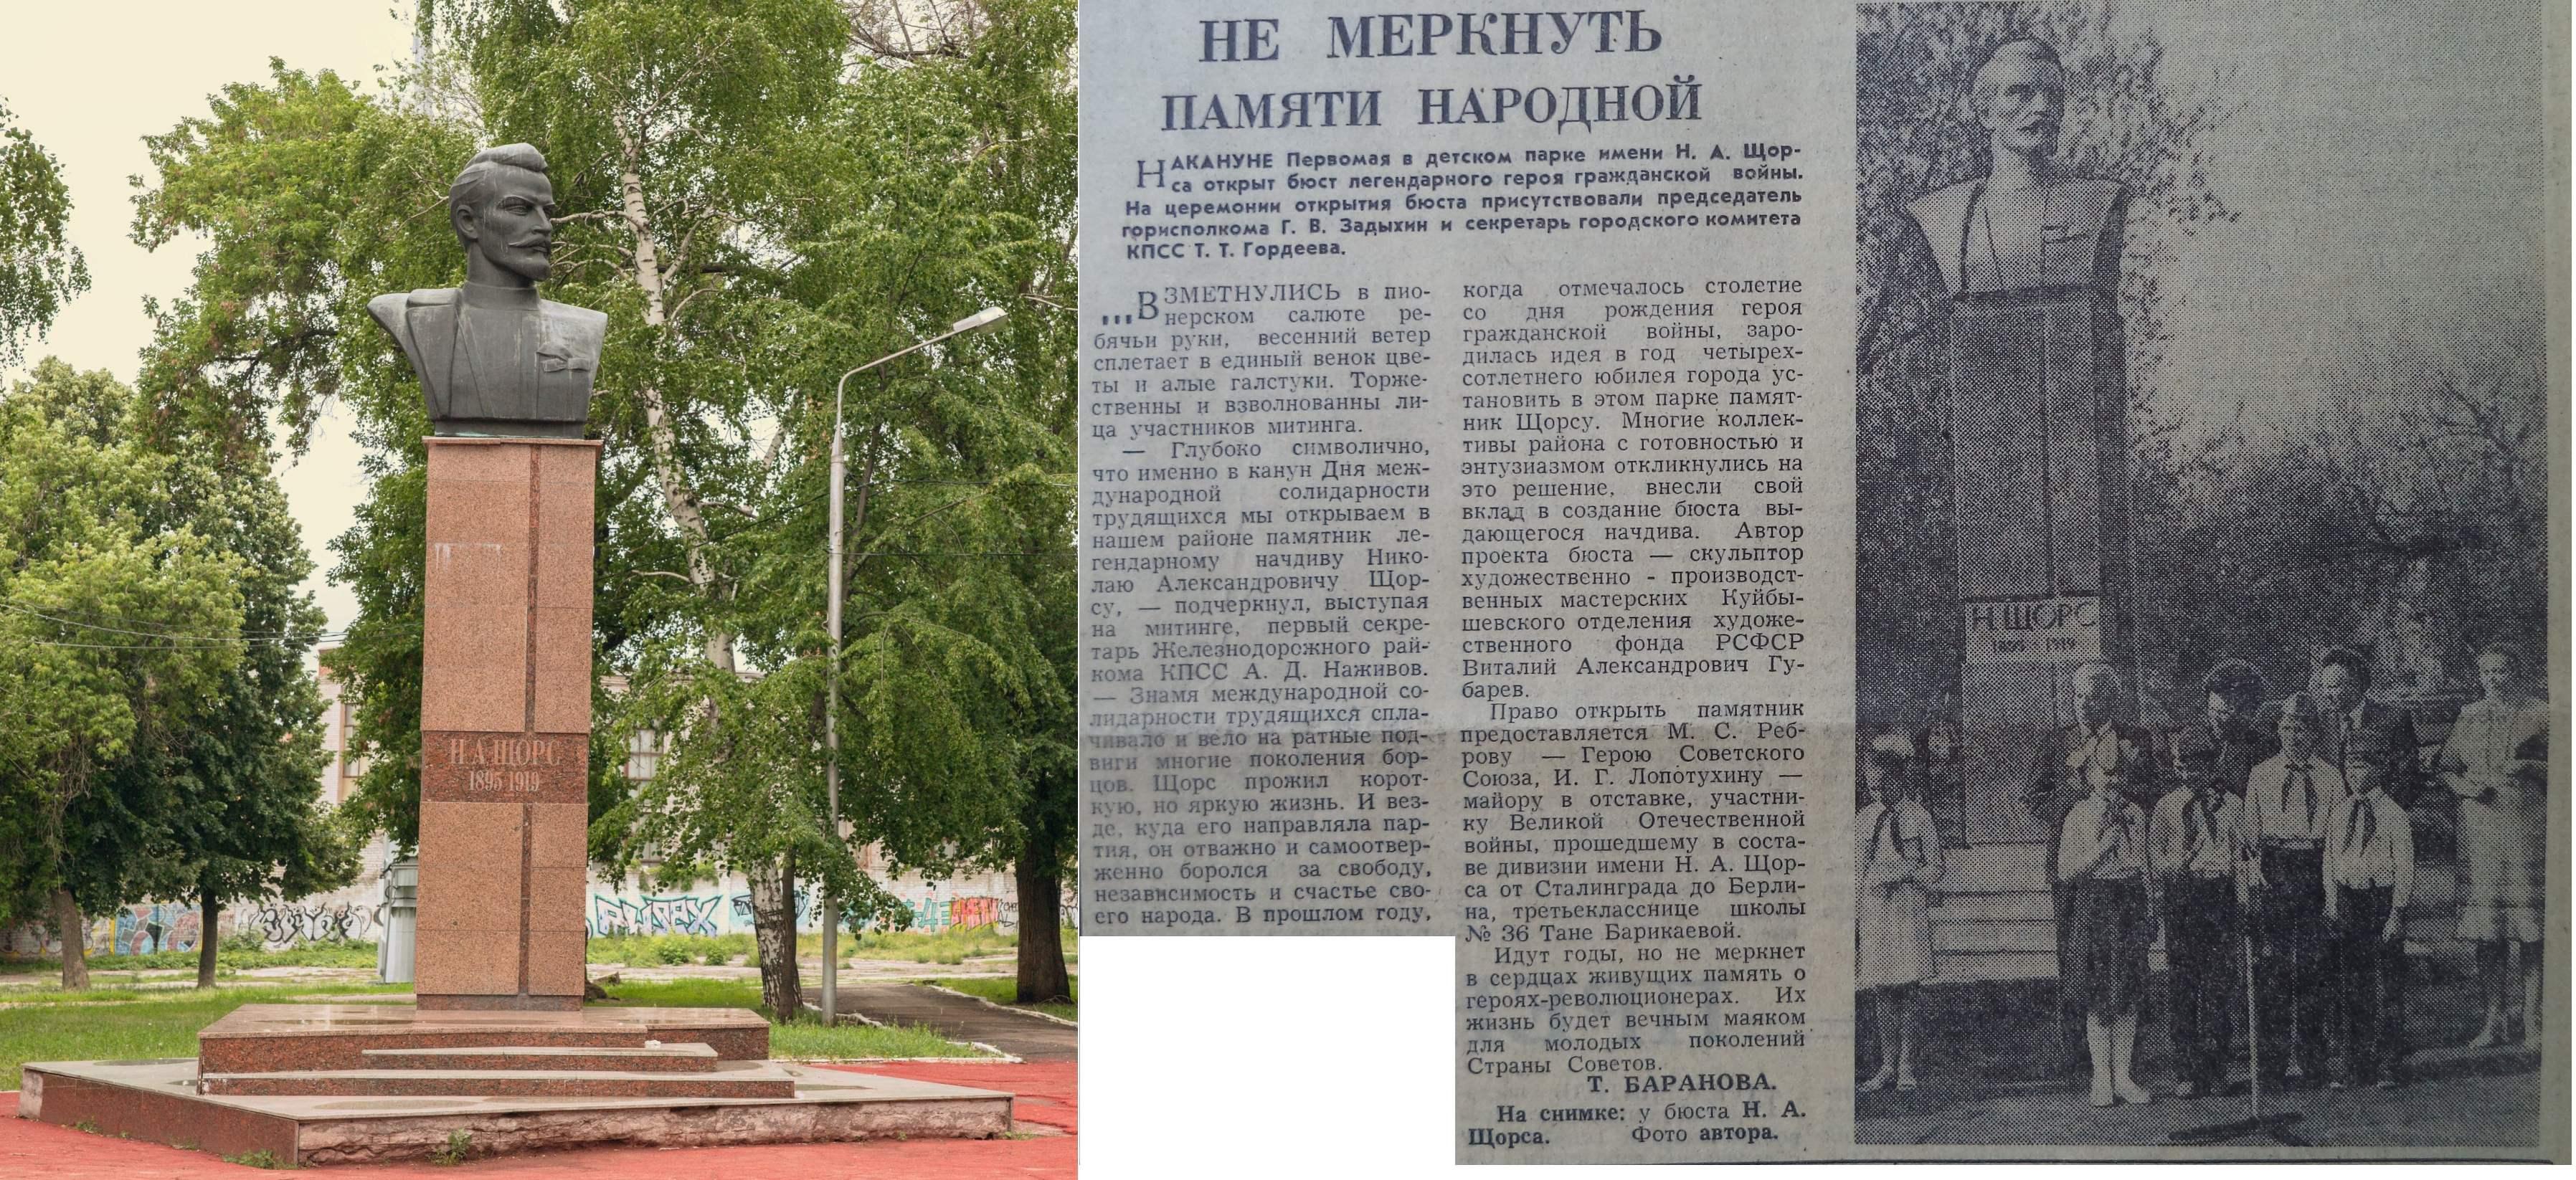 Памятник Щорсу в Самаре